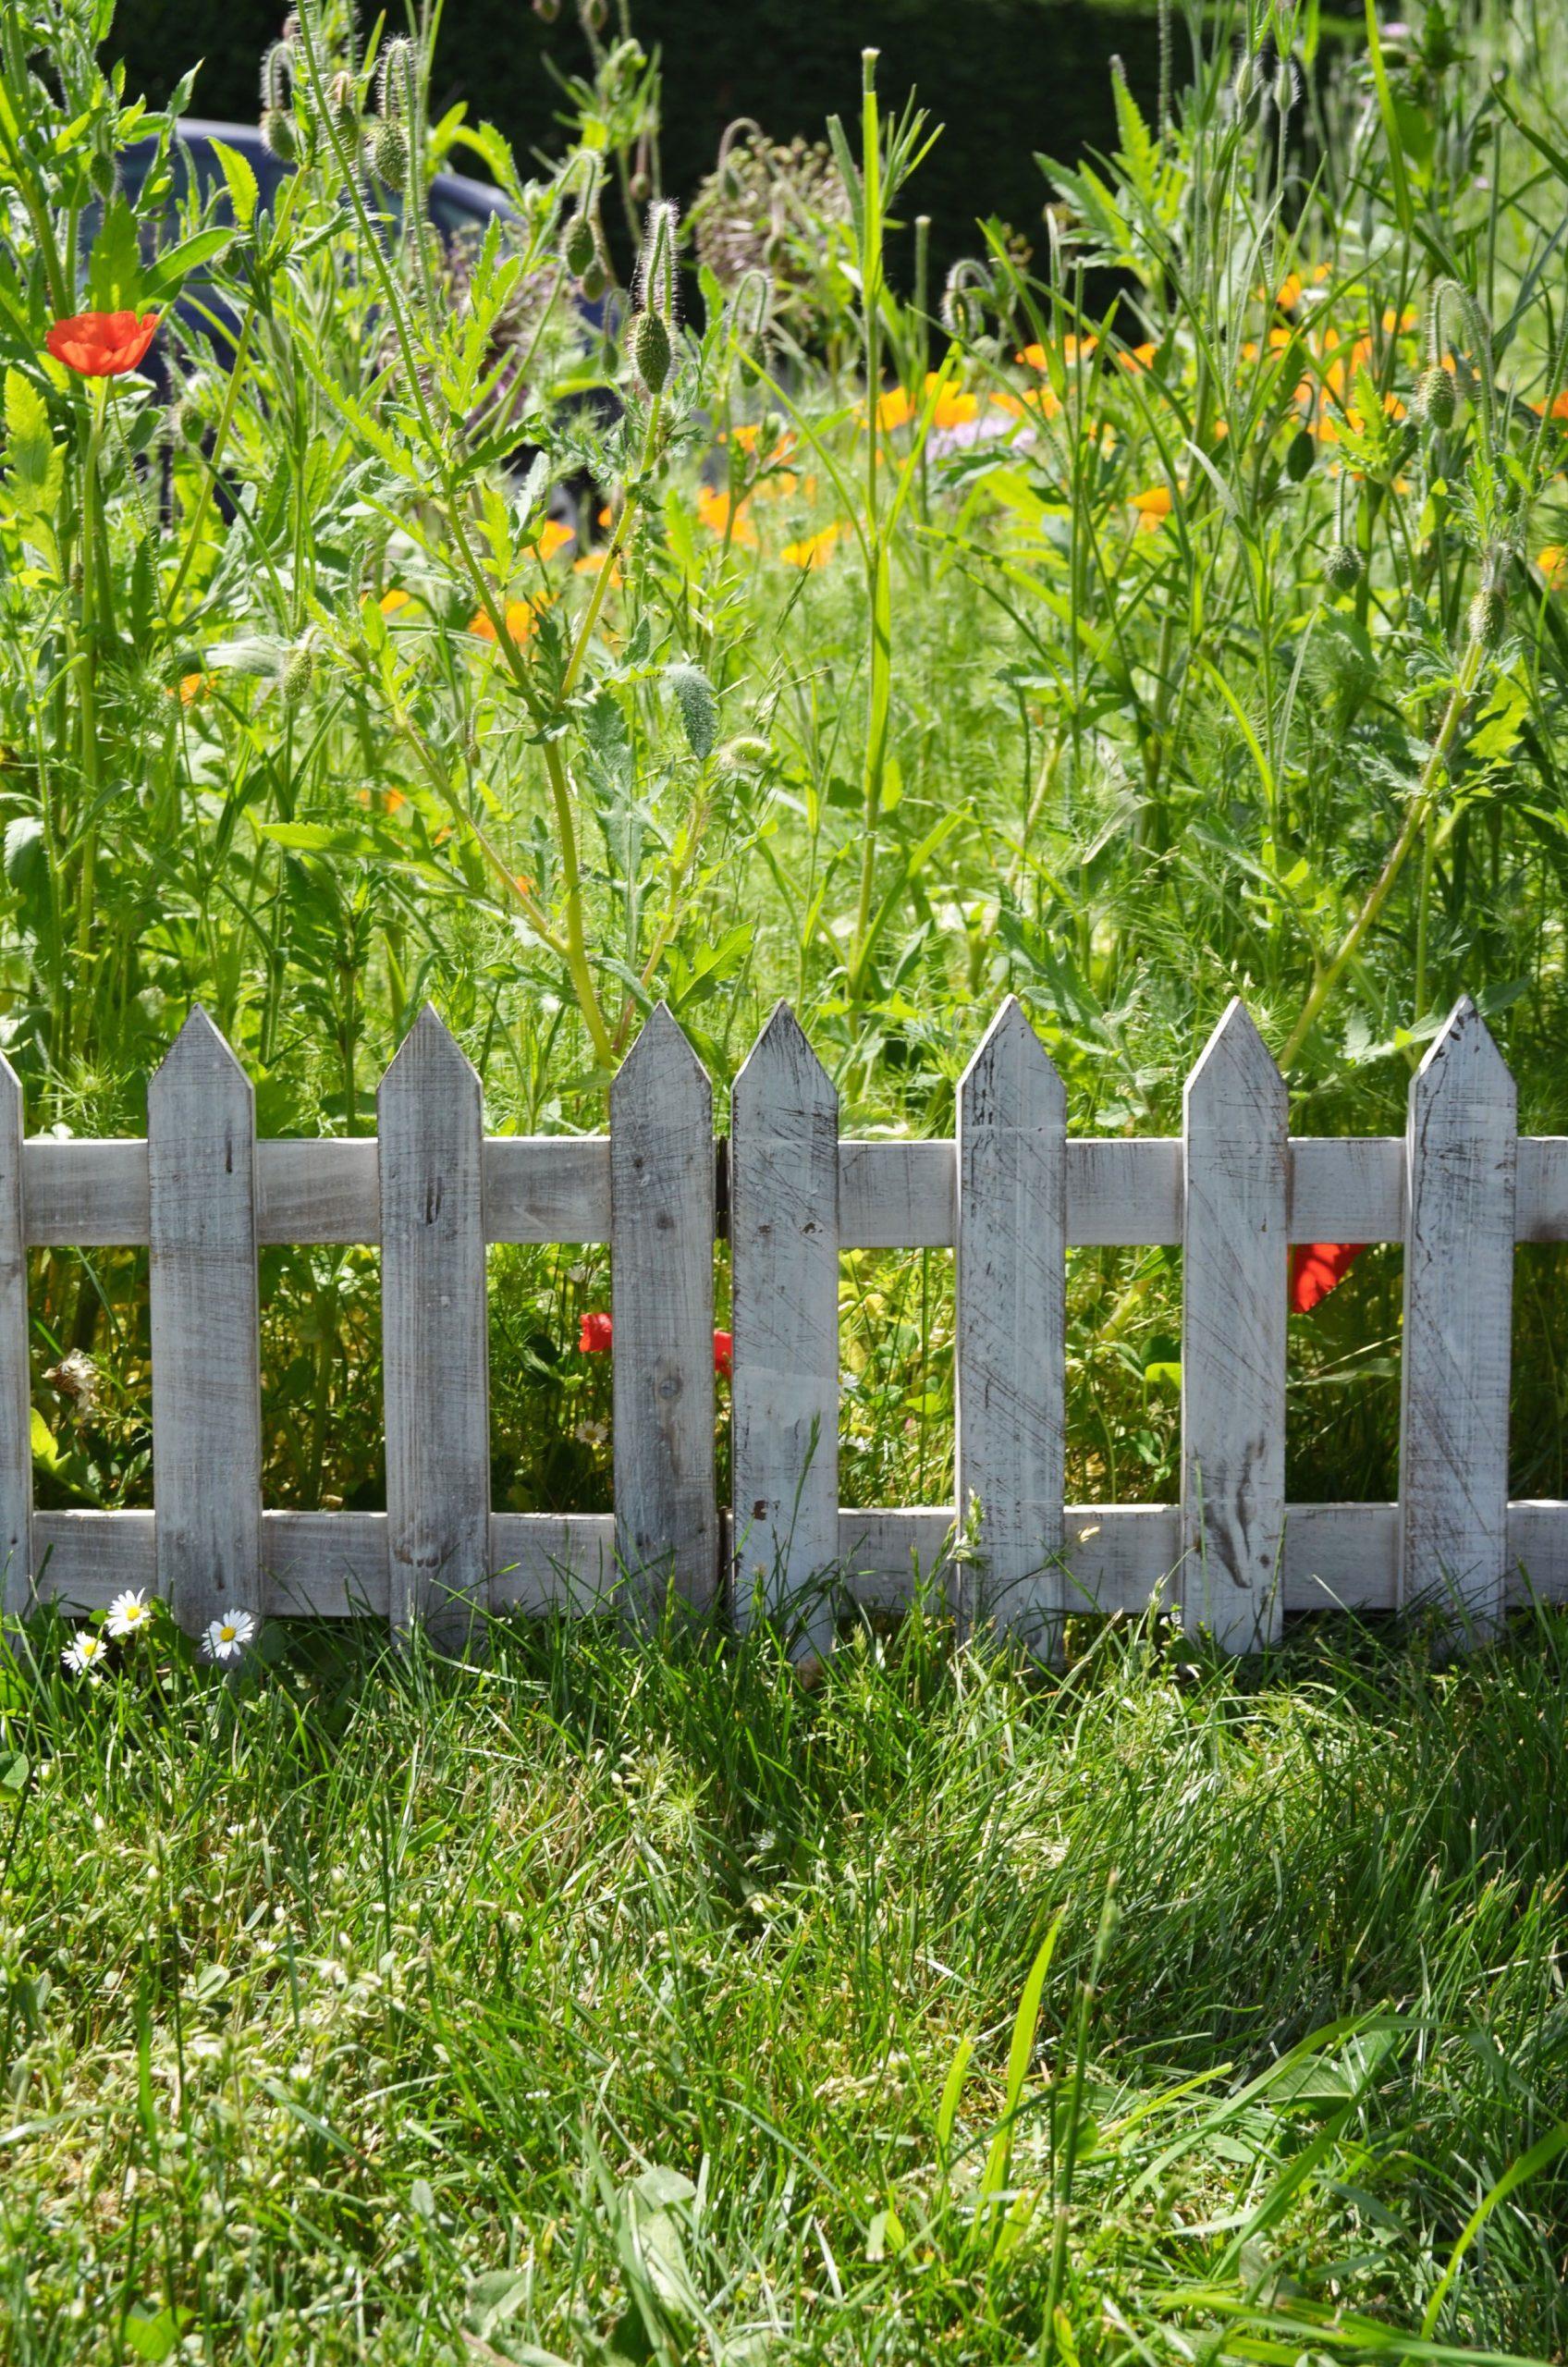 Bordure De Jardin Articulée En Bois De Sapin Pour La ... intérieur Bordure De Jardin Gedimat